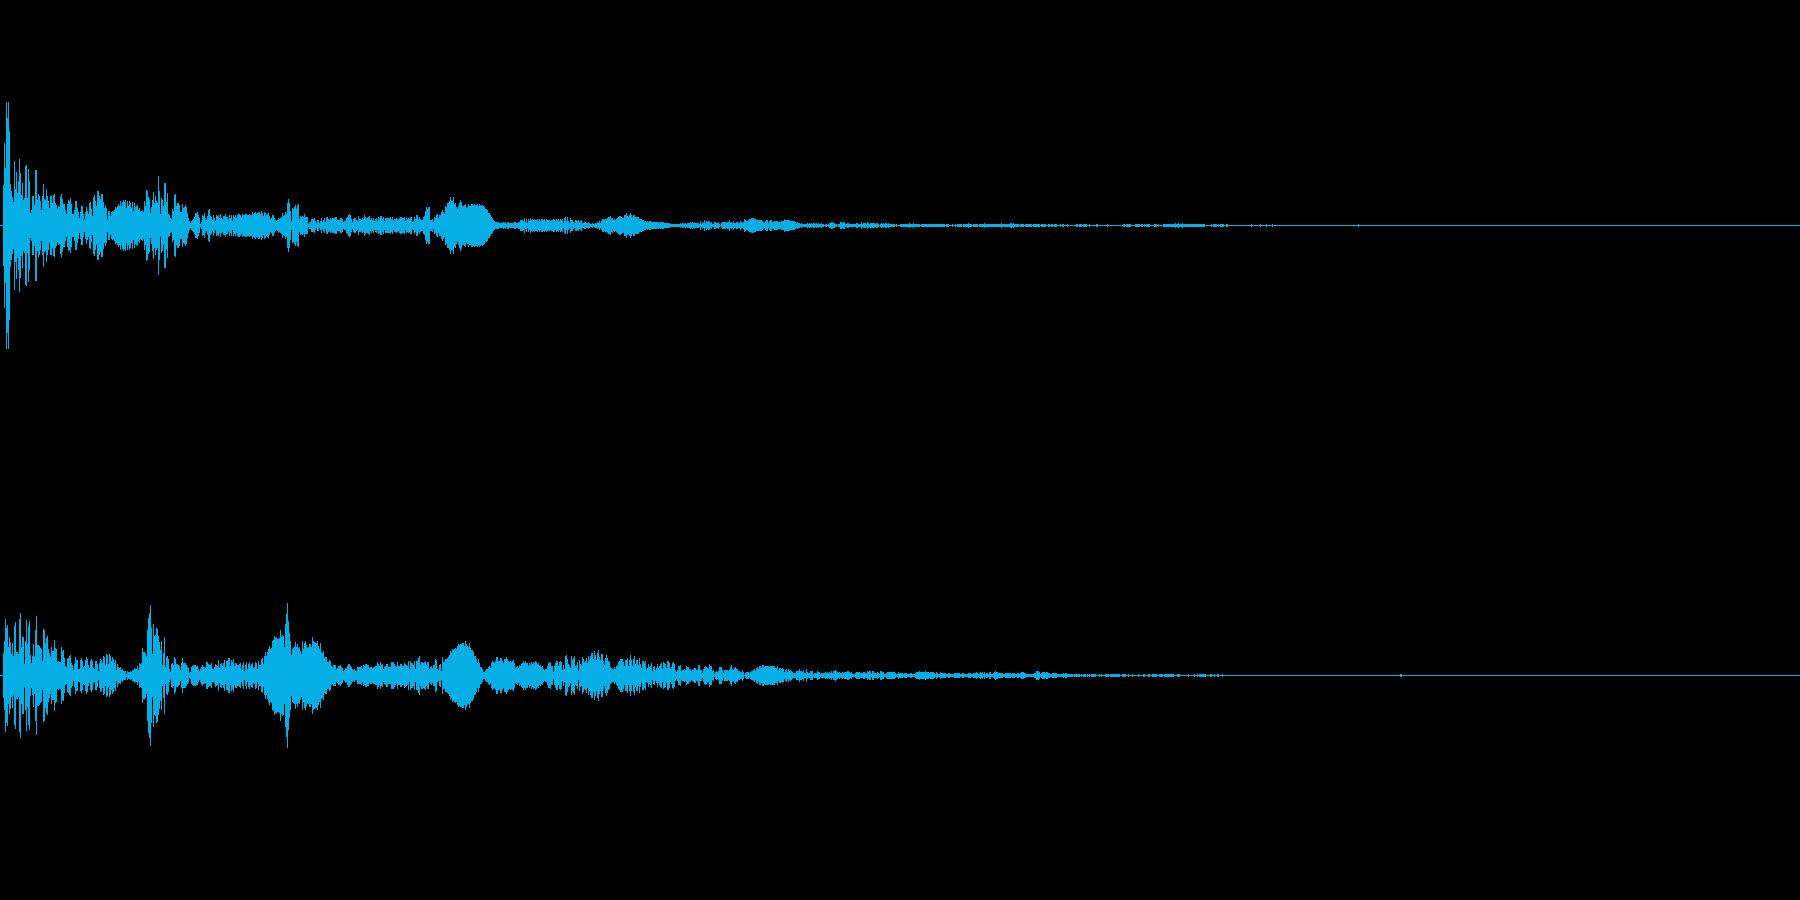 鈍く撓む音の再生済みの波形